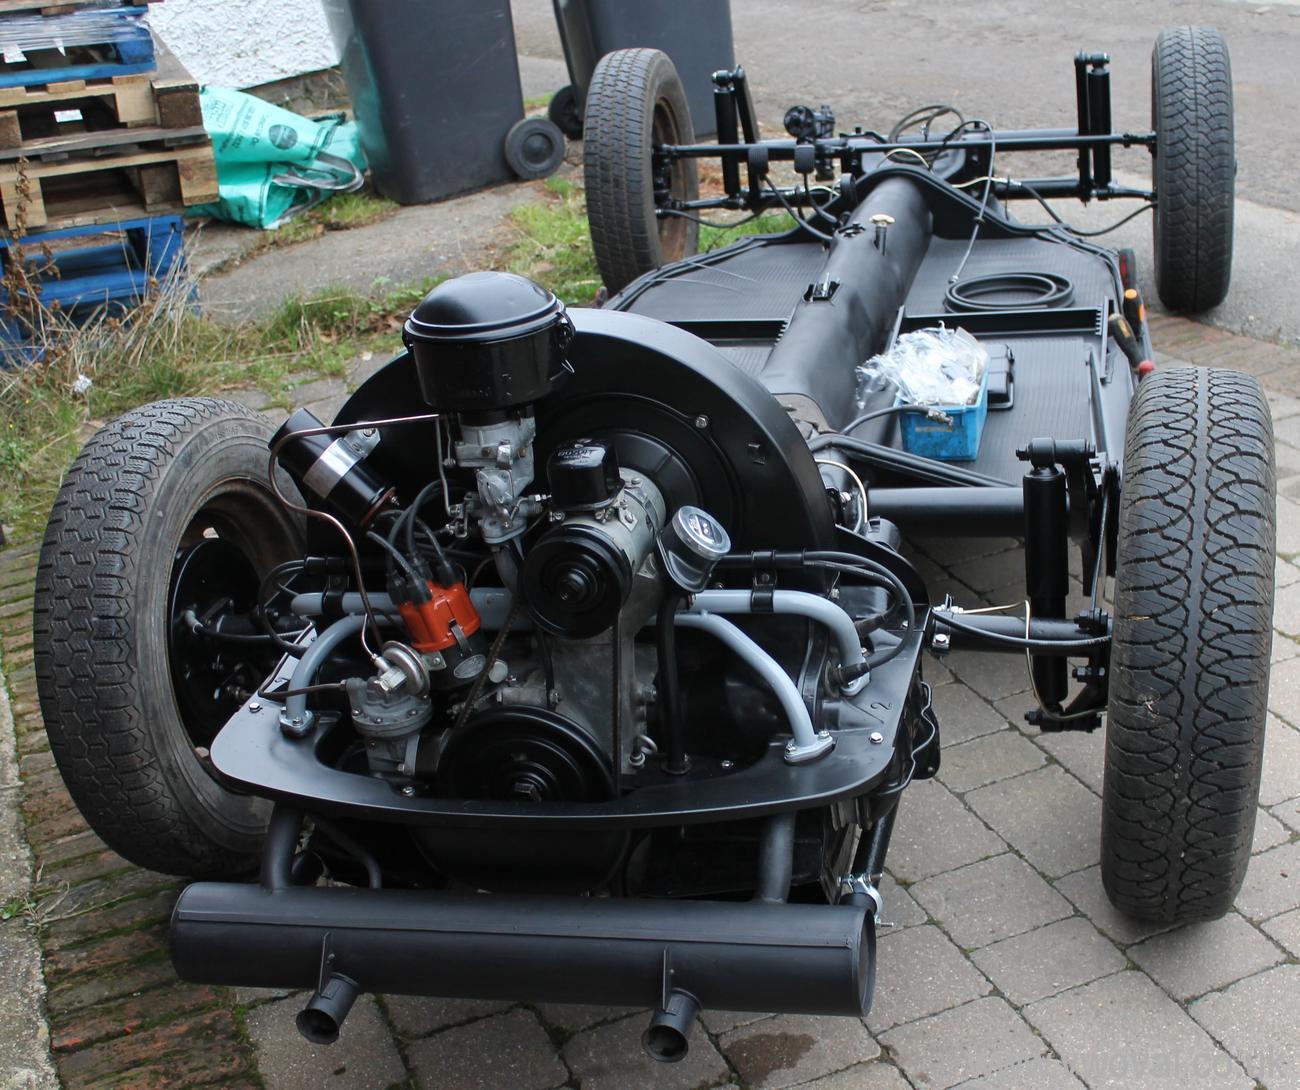 Vw Beetle Body Parts Uk: Www.vwoval.co.uk Volkswagen Oval Beetle Rebuild